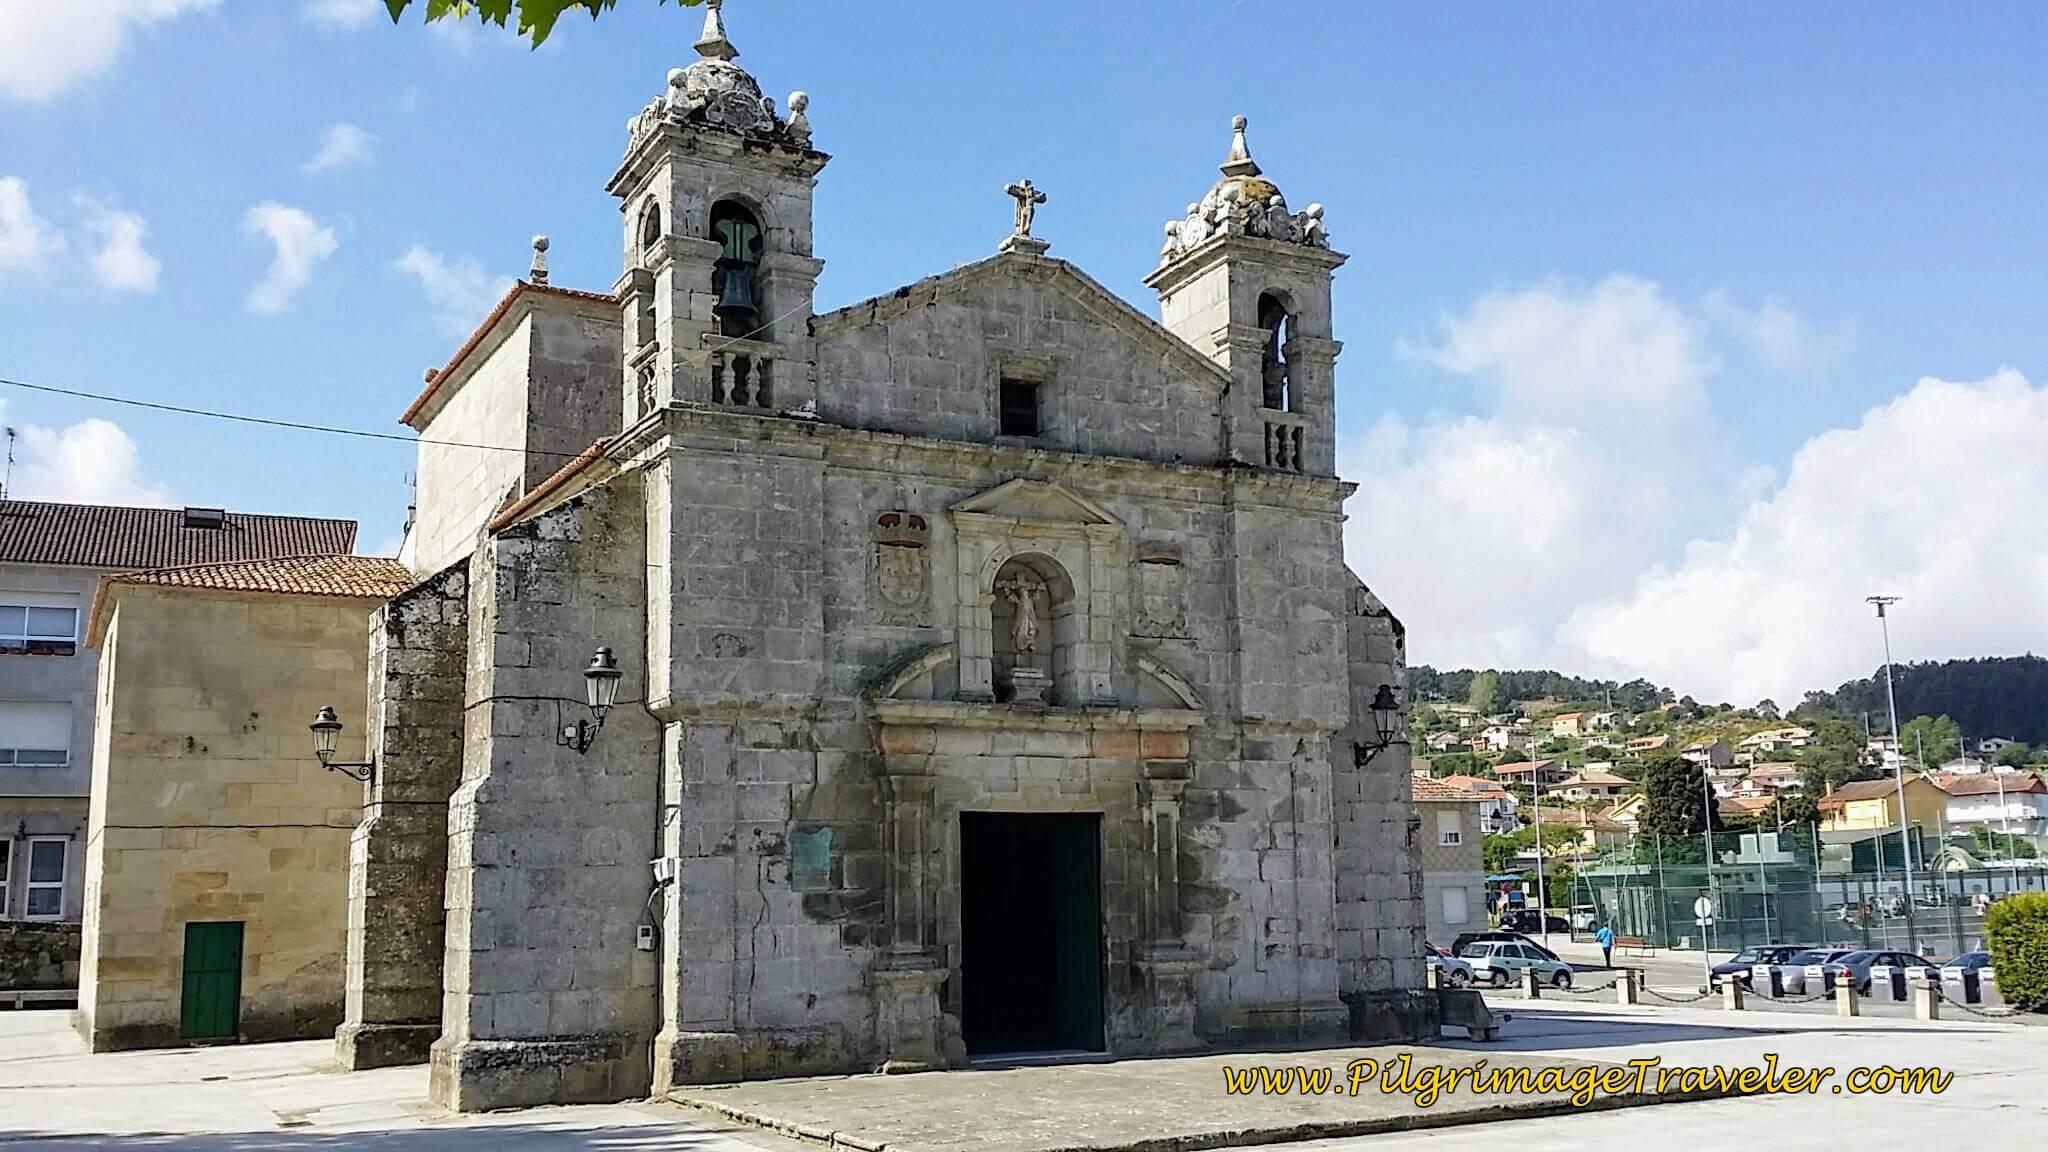 The Plaza Santa Liberata in Baiona on day twenty, Camino Portugués da Costa